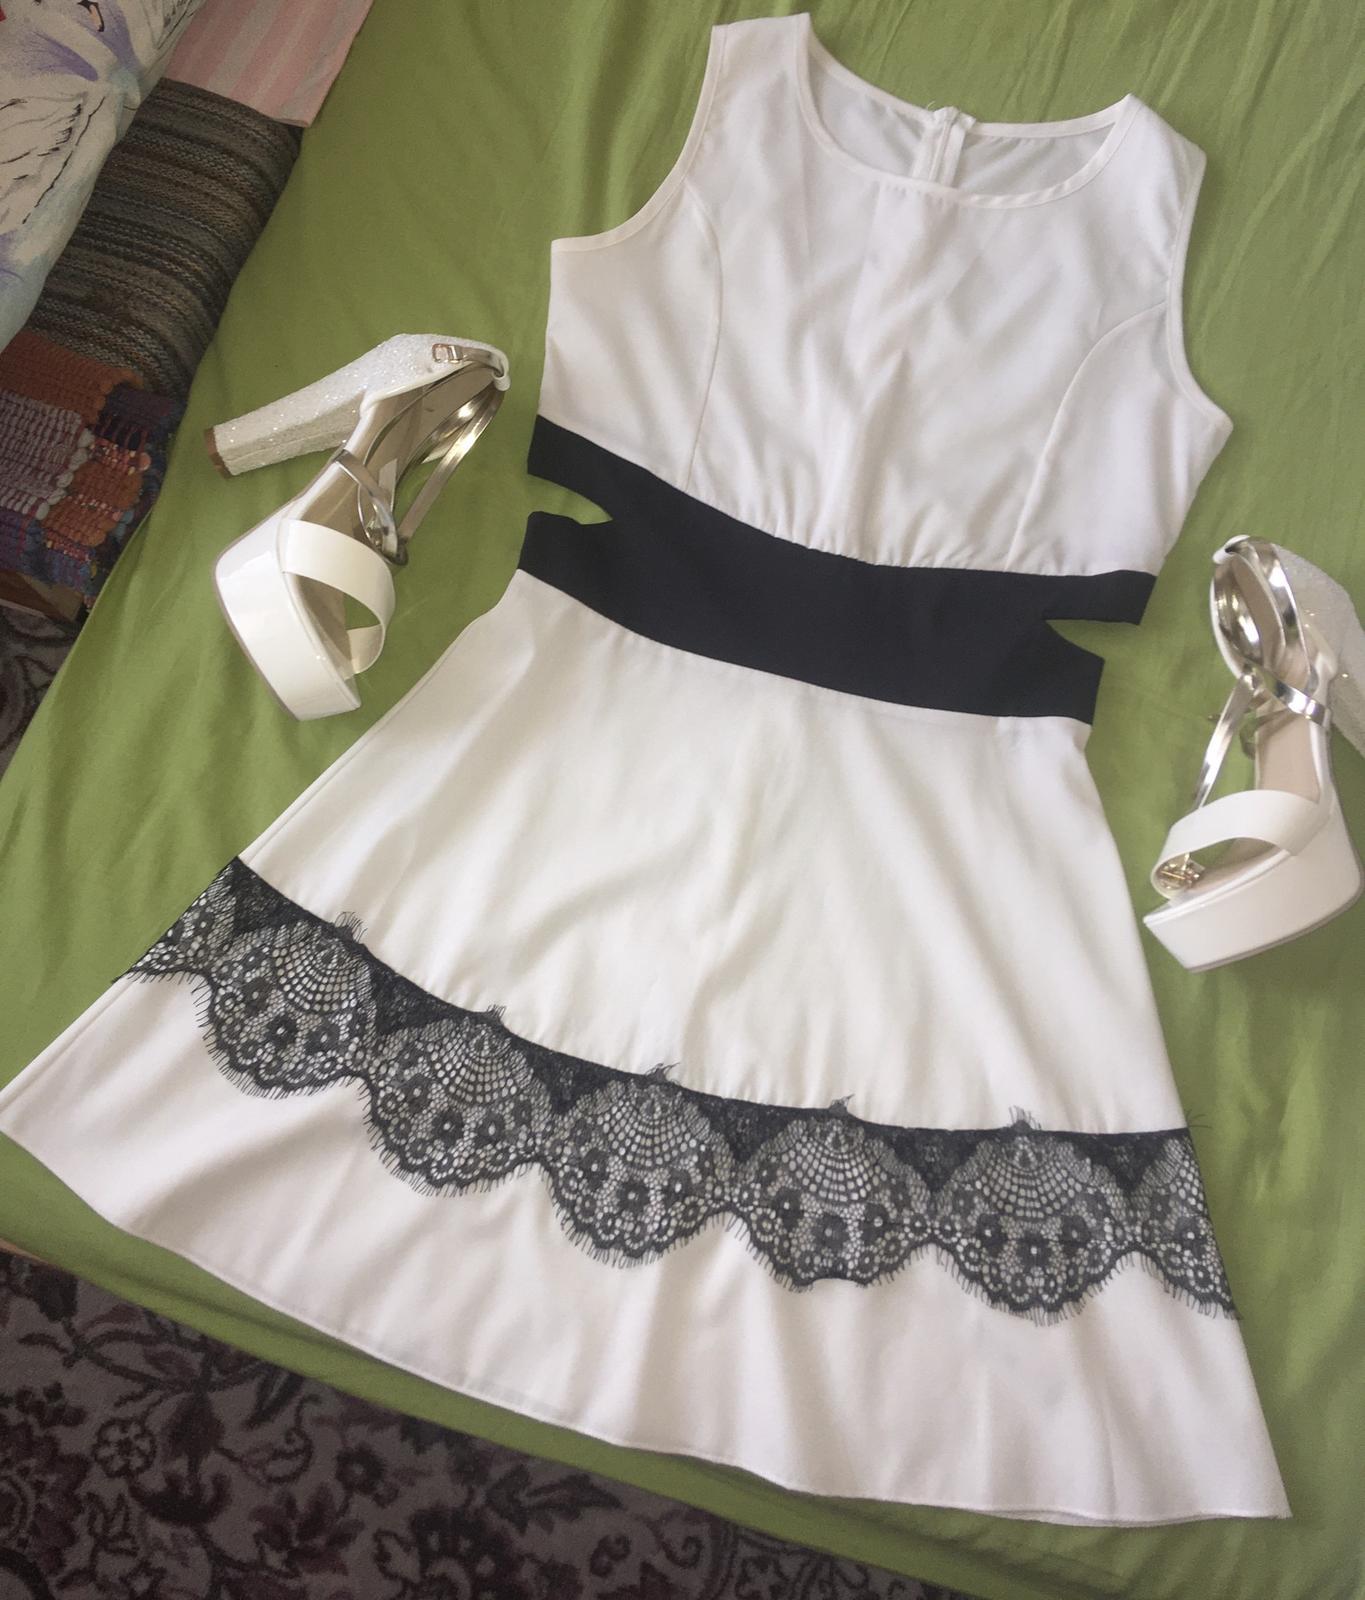 Krátke biele šaty, popolnočné,spoločenské,letné - Obrázok č. 1